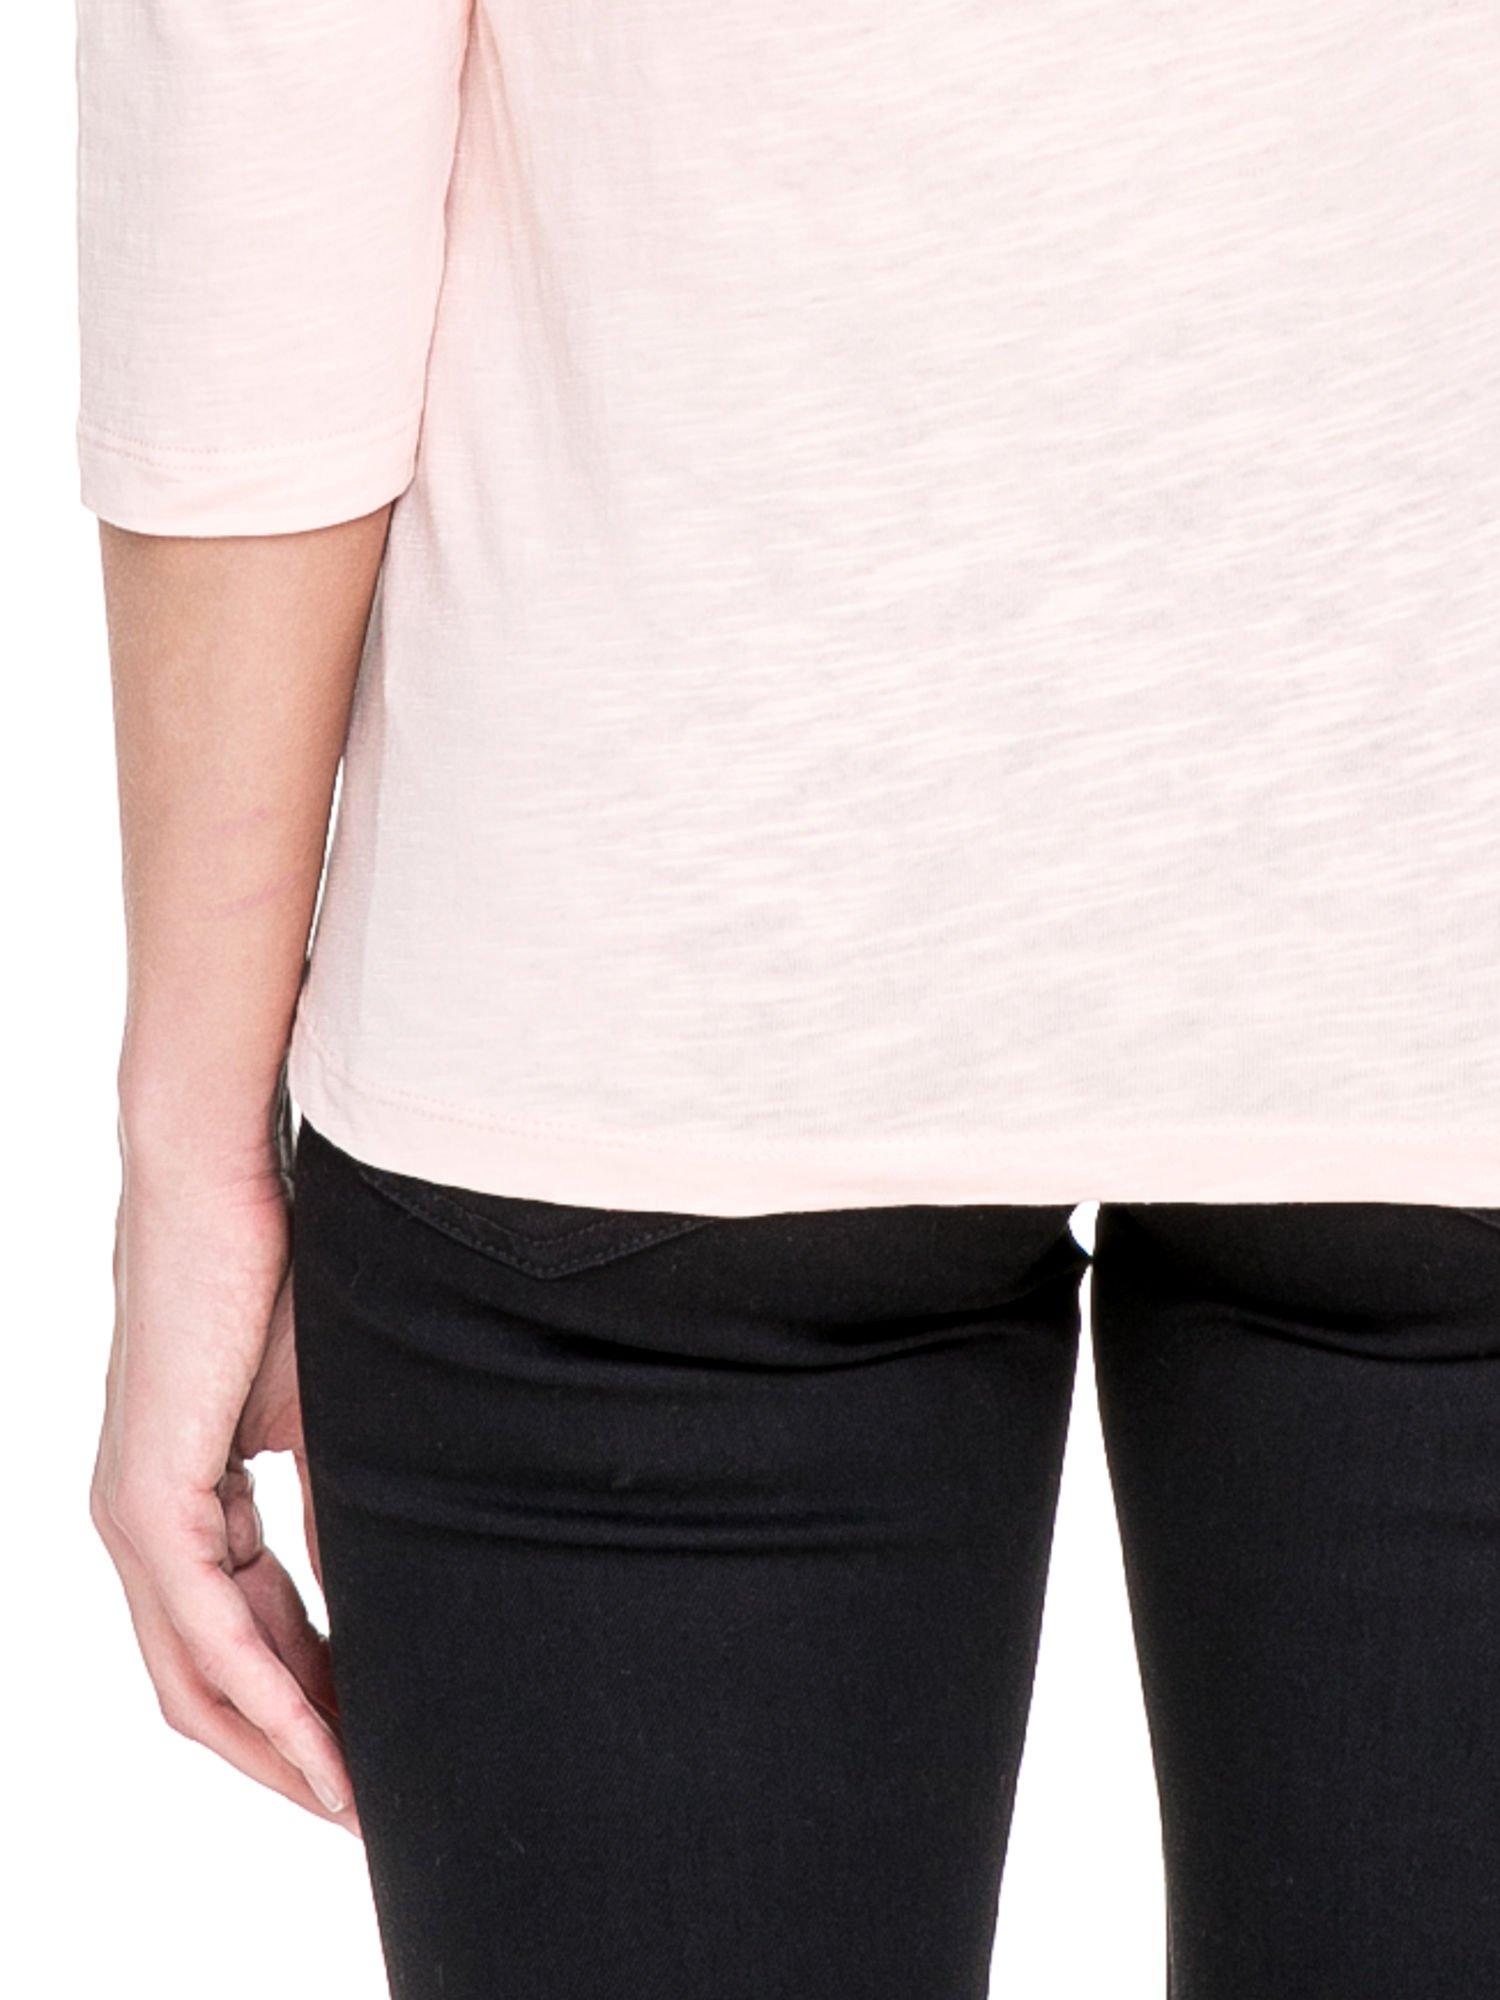 Jasnoróżowa bluzka z koronkowym przodem                                  zdj.                                  6